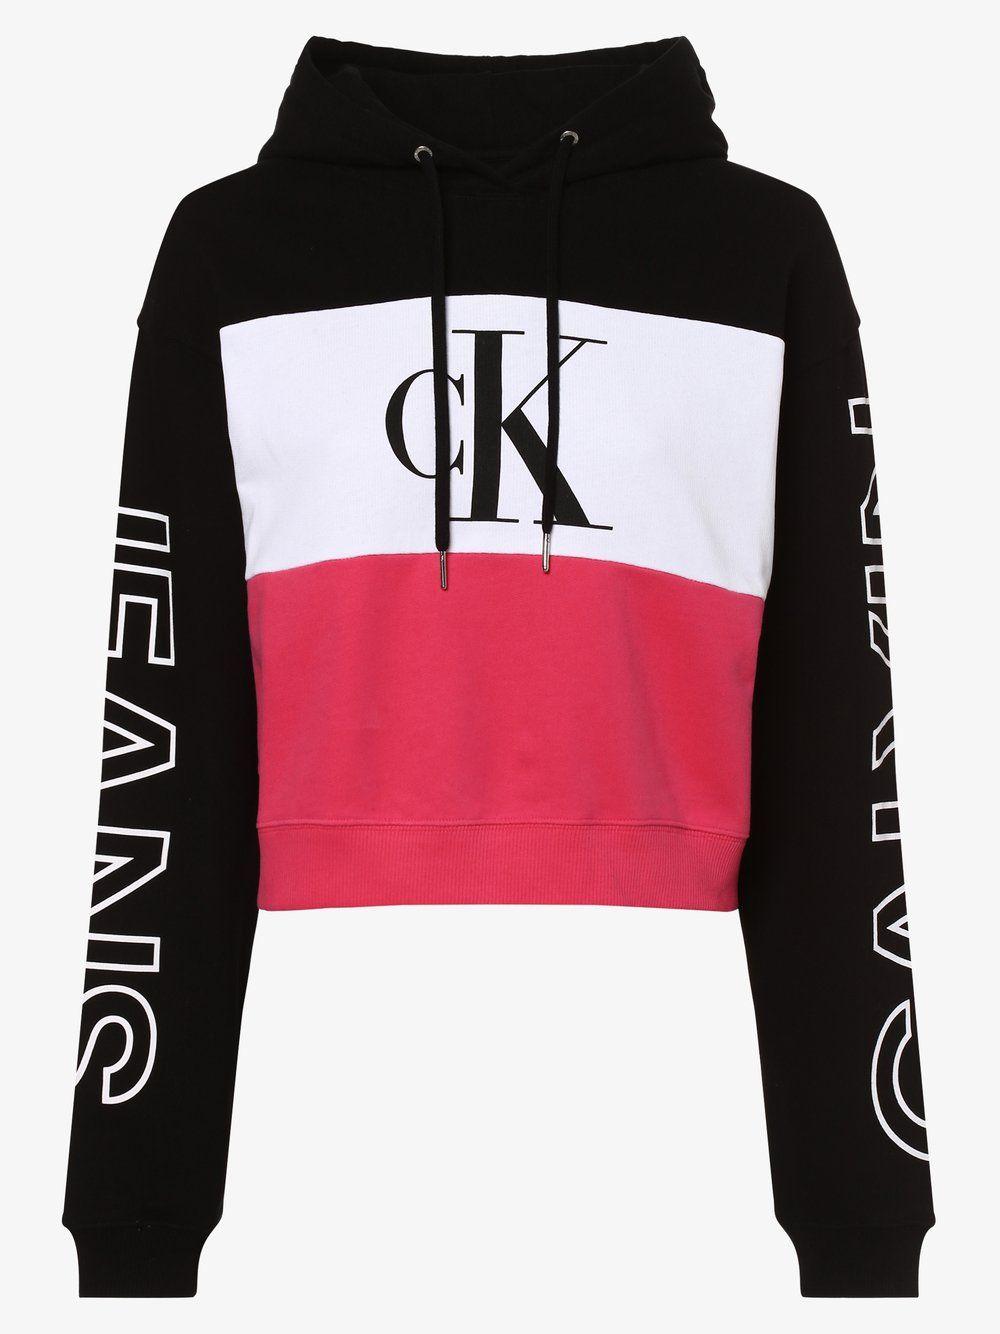 Calvin Klein Jeans Damen Sweatshirt Online Kaufen In 2020 Sweatshirt Damen Sweatshirts Jeans